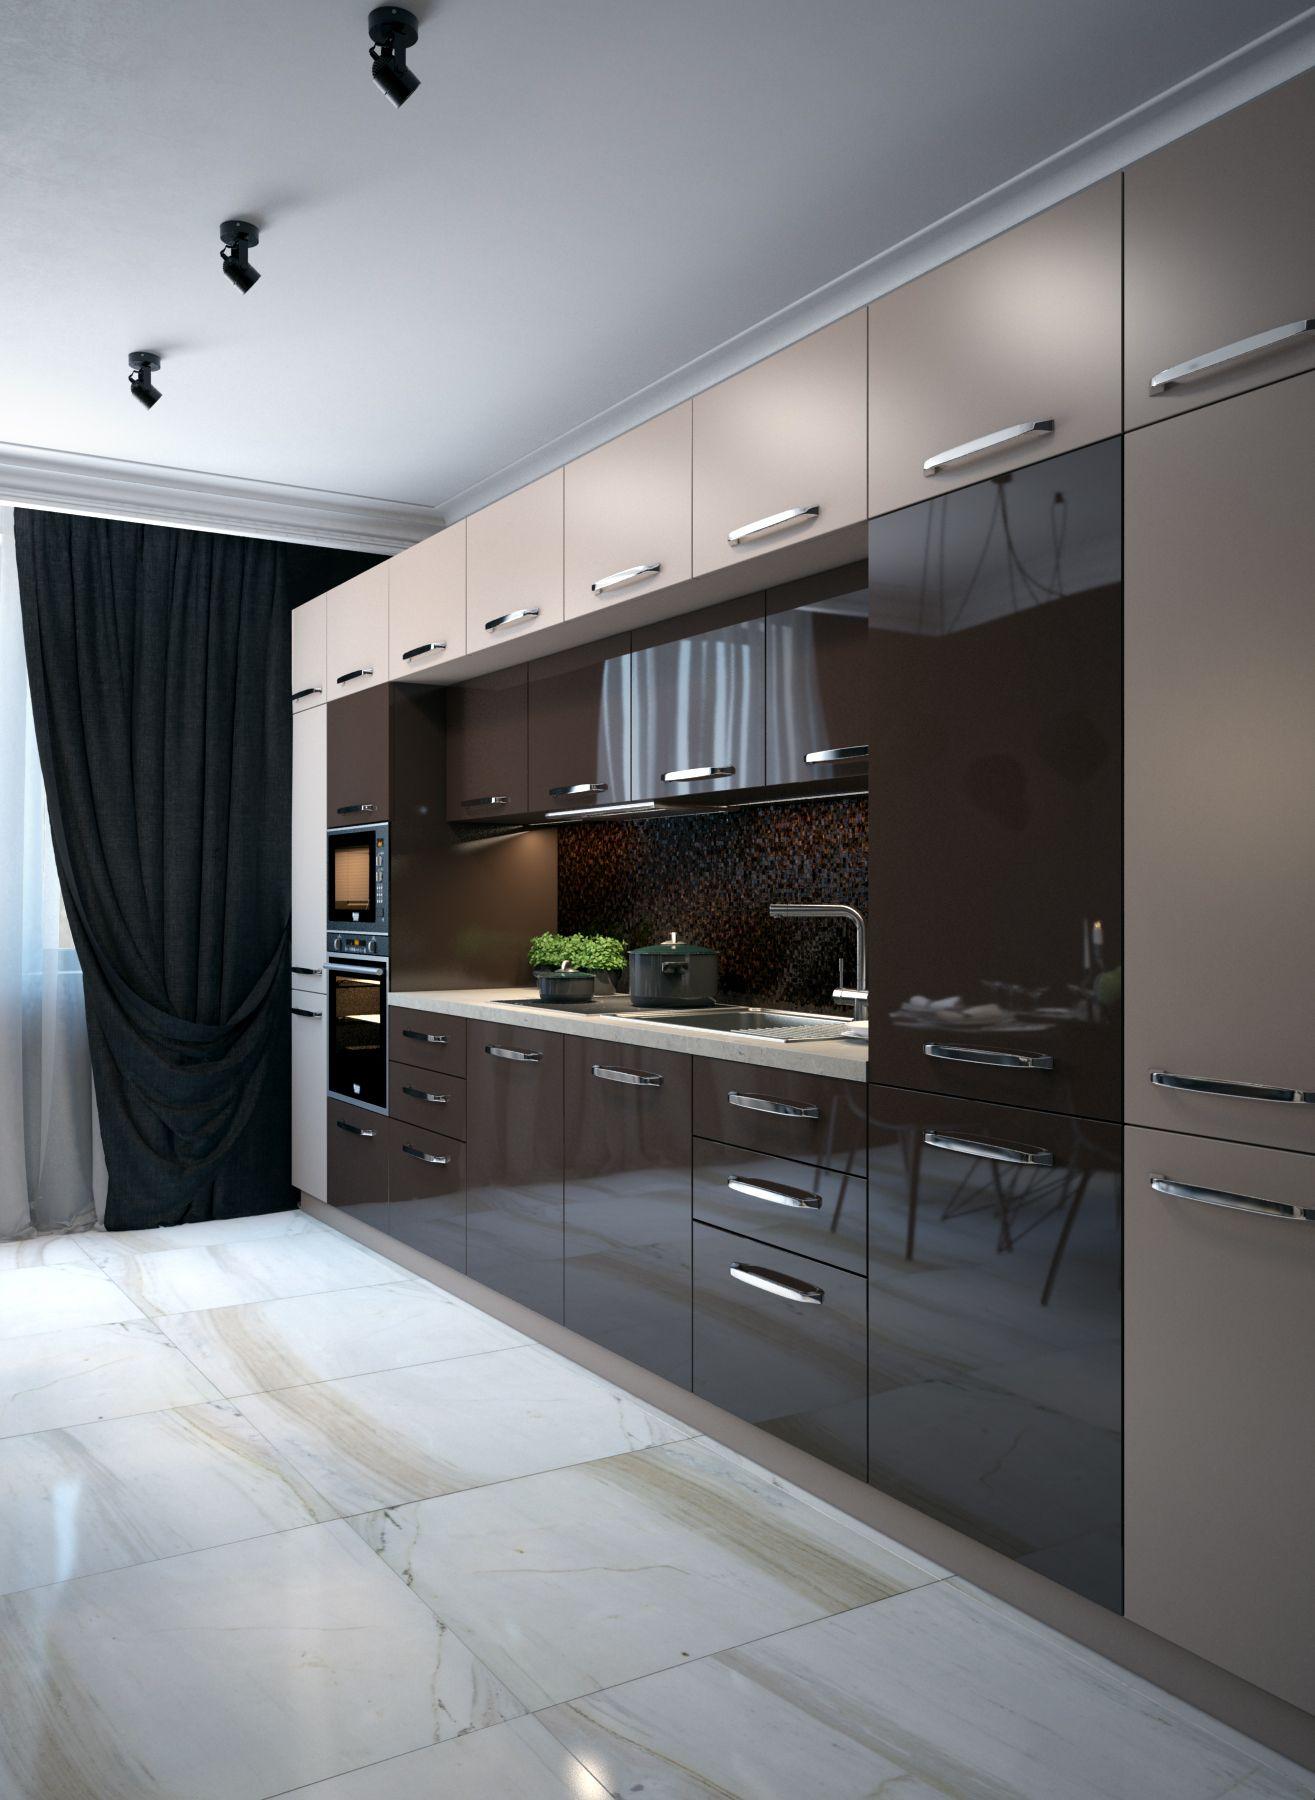 Design And Visualisation By Vitalii Sauko Phone 375 44 5796256 Skype Daba Dy1 Email Save O Cozinhas Modernas Cozinhas Domesticas Decoracao Cozinha Preta